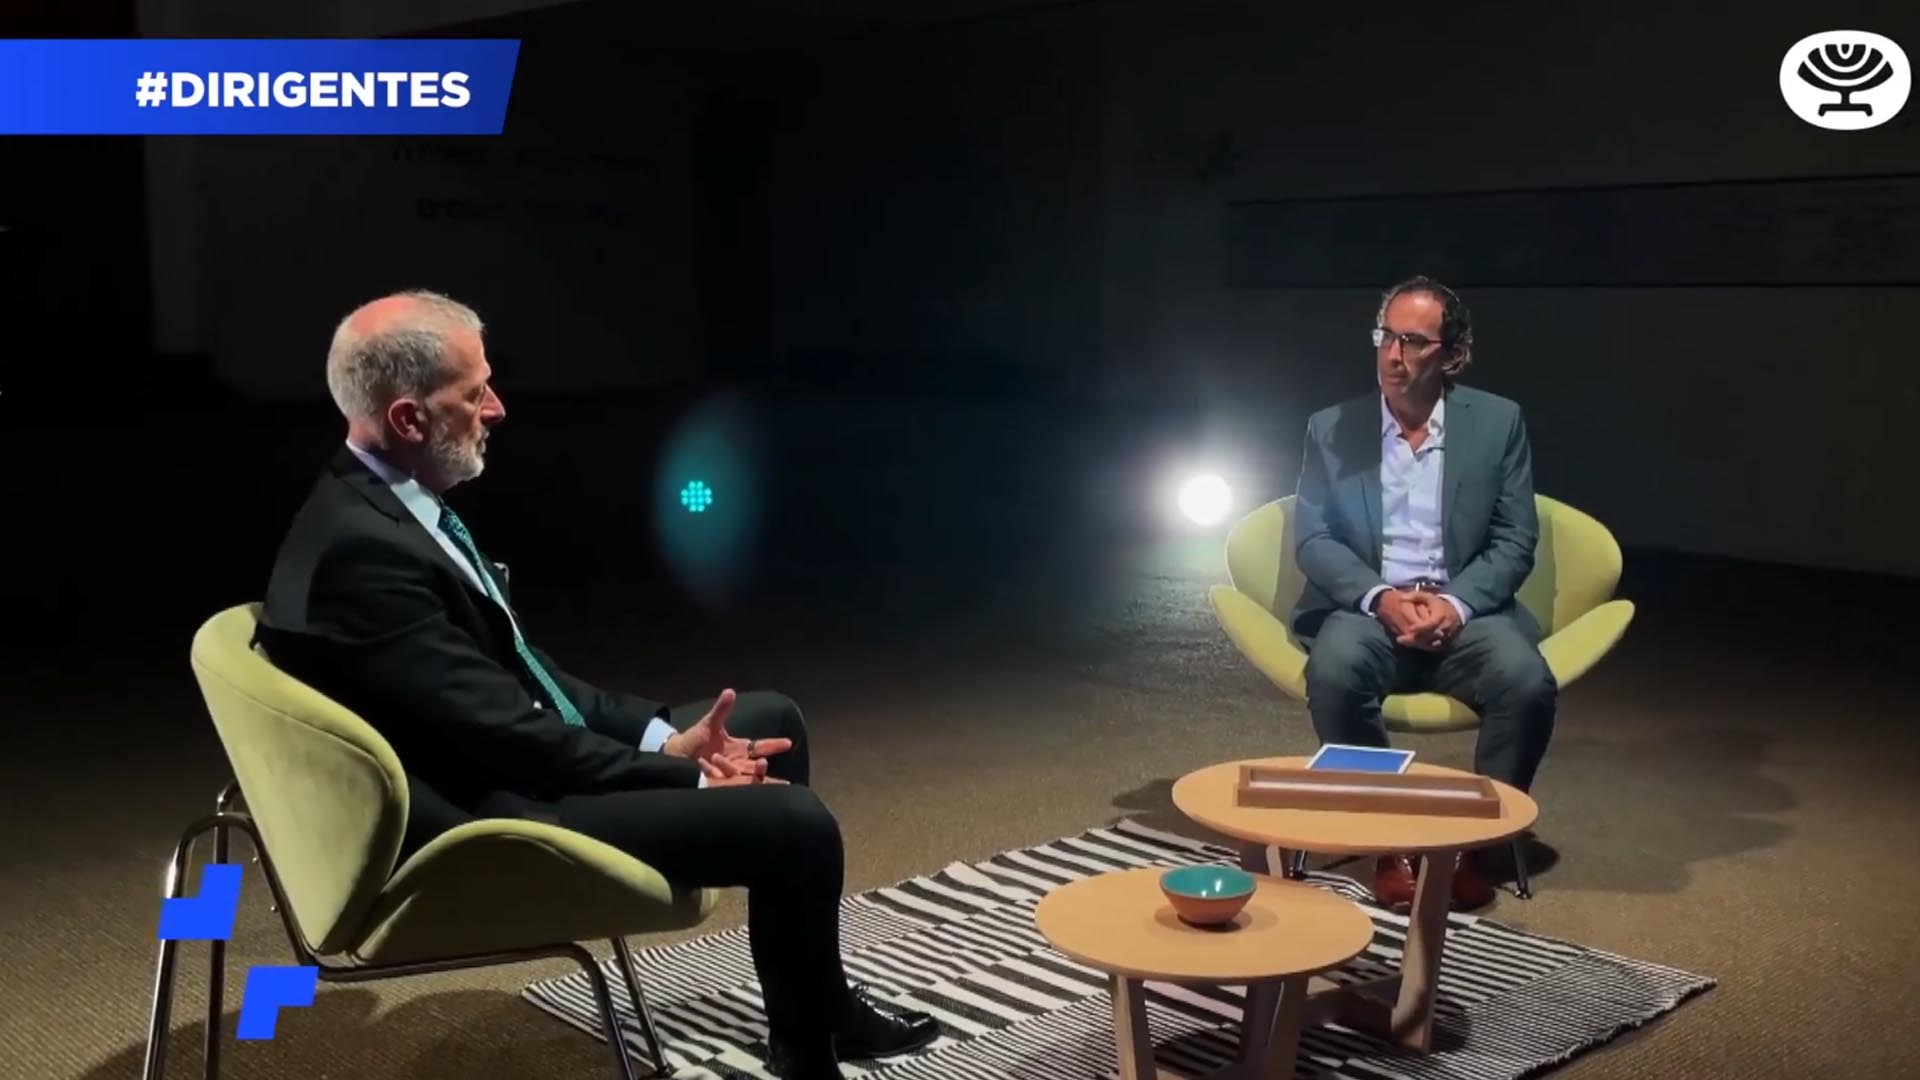 Entrevista a Jorge Knoblovits: «Luchamos contra el antisemitismo y todos los discursos de odio»